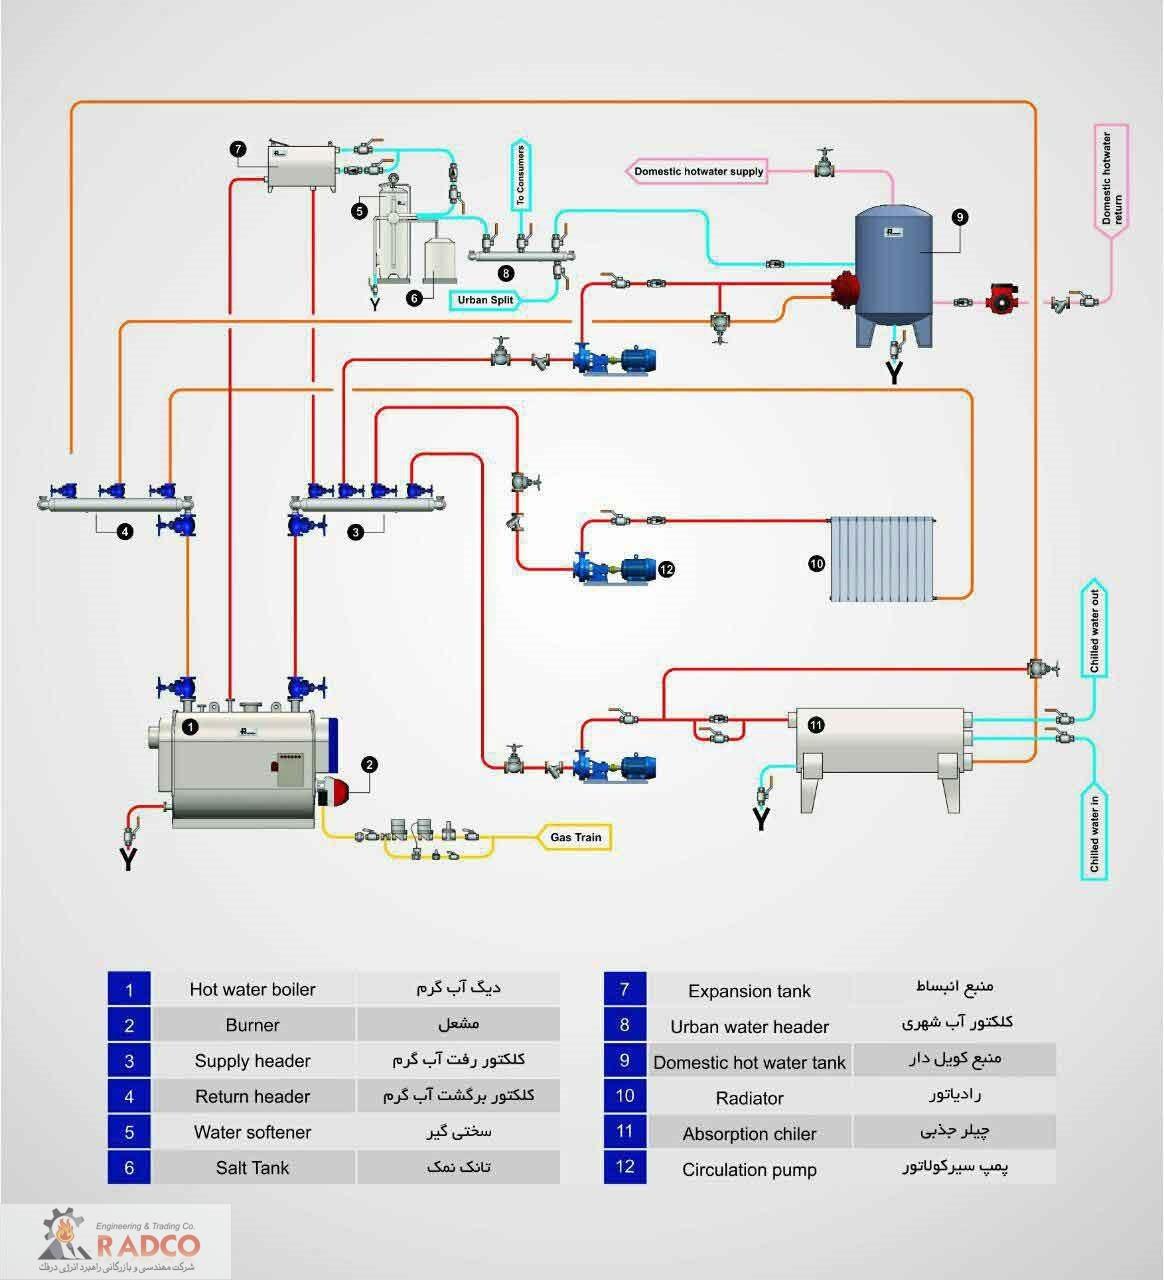 - اصول طراحی موتورخانه ها- سرویس و نگهداری موتورخانه ها- بهینه سازی موتورخانه ها- فلودیاگرام موتورخانه-شرکت مهندسی و بازرگانی راهبرد انرژی درفک (رادکو)- محل قرار گیری تجهیزات اصلی – محل قرار گیری موتورخانه ها-نحوه عملکرد انواع چیلر- انواع مبدل های حرارتی-